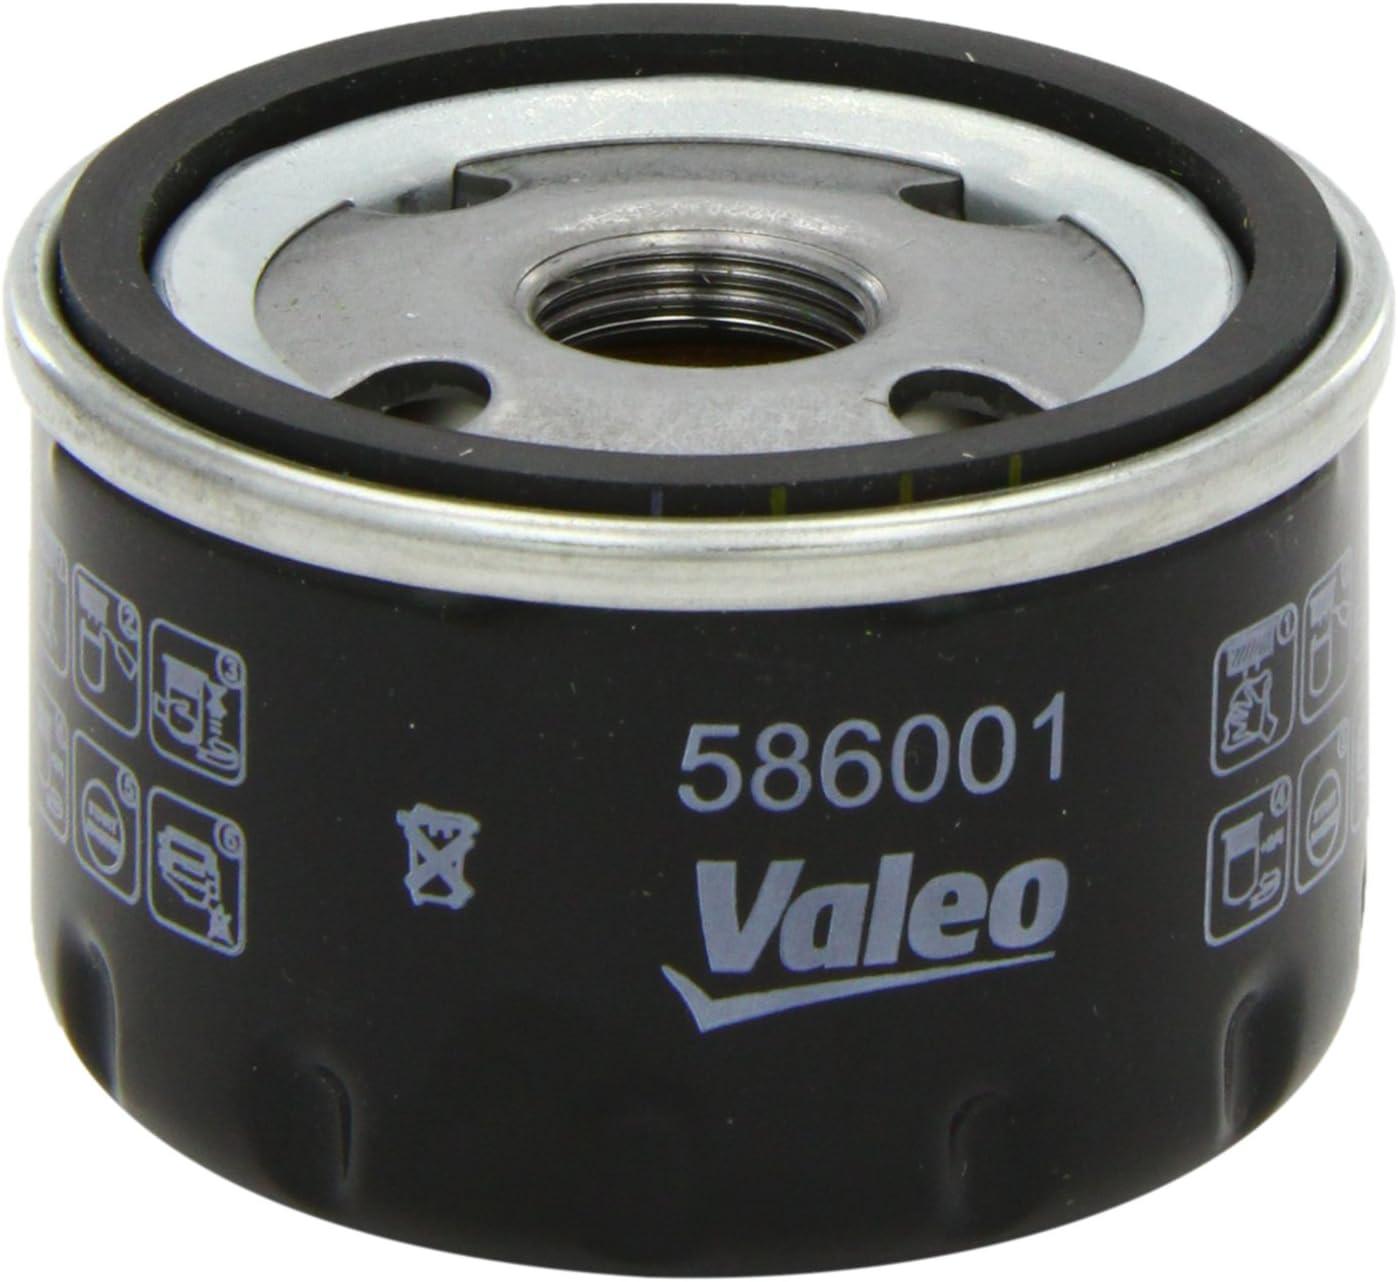 Valeo 586001 Filtro de aceite